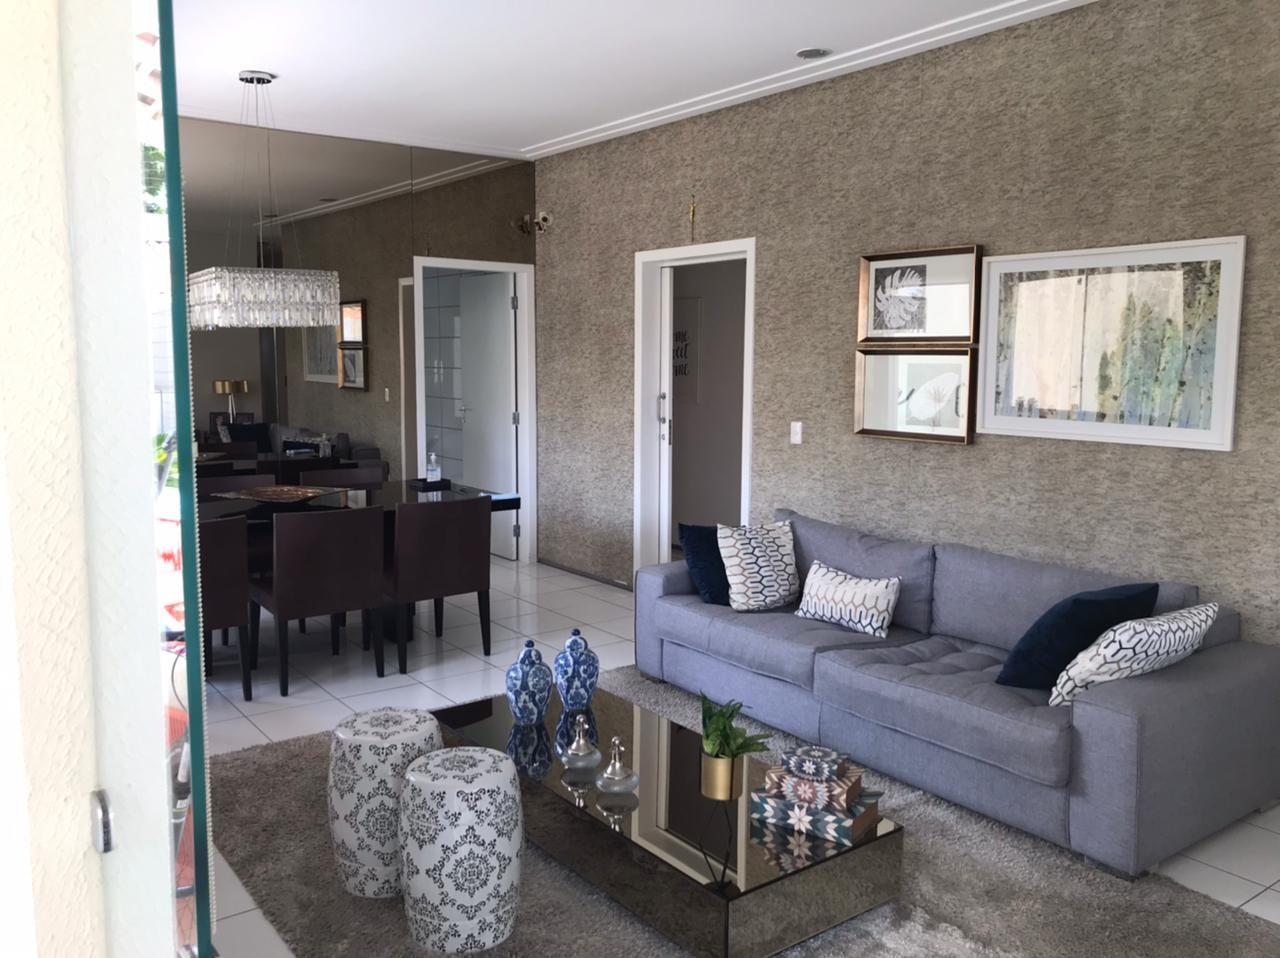 Casa para venda com 3 quartos sendo 2 suítes,piscina, DCE,excelente acabamento no bairro Morada do Sol em Teresina-PI